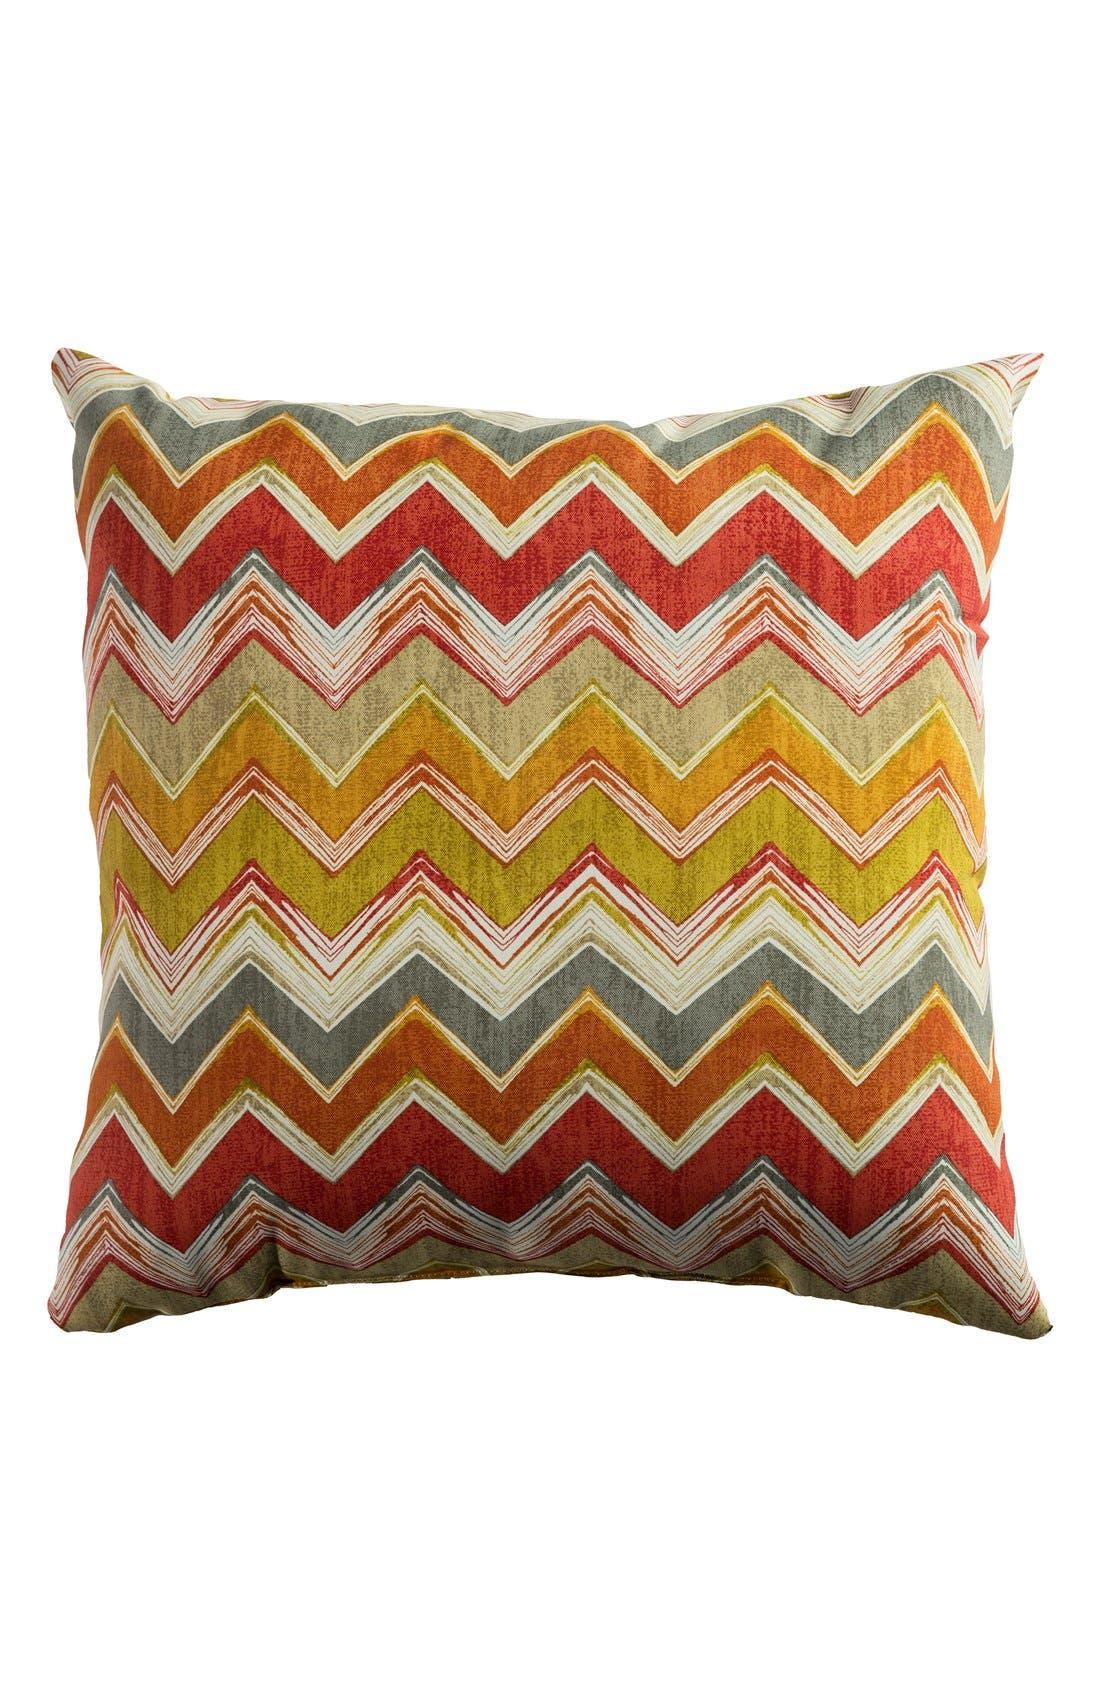 Chevron Outdoor Pillow,                             Main thumbnail 8, color,